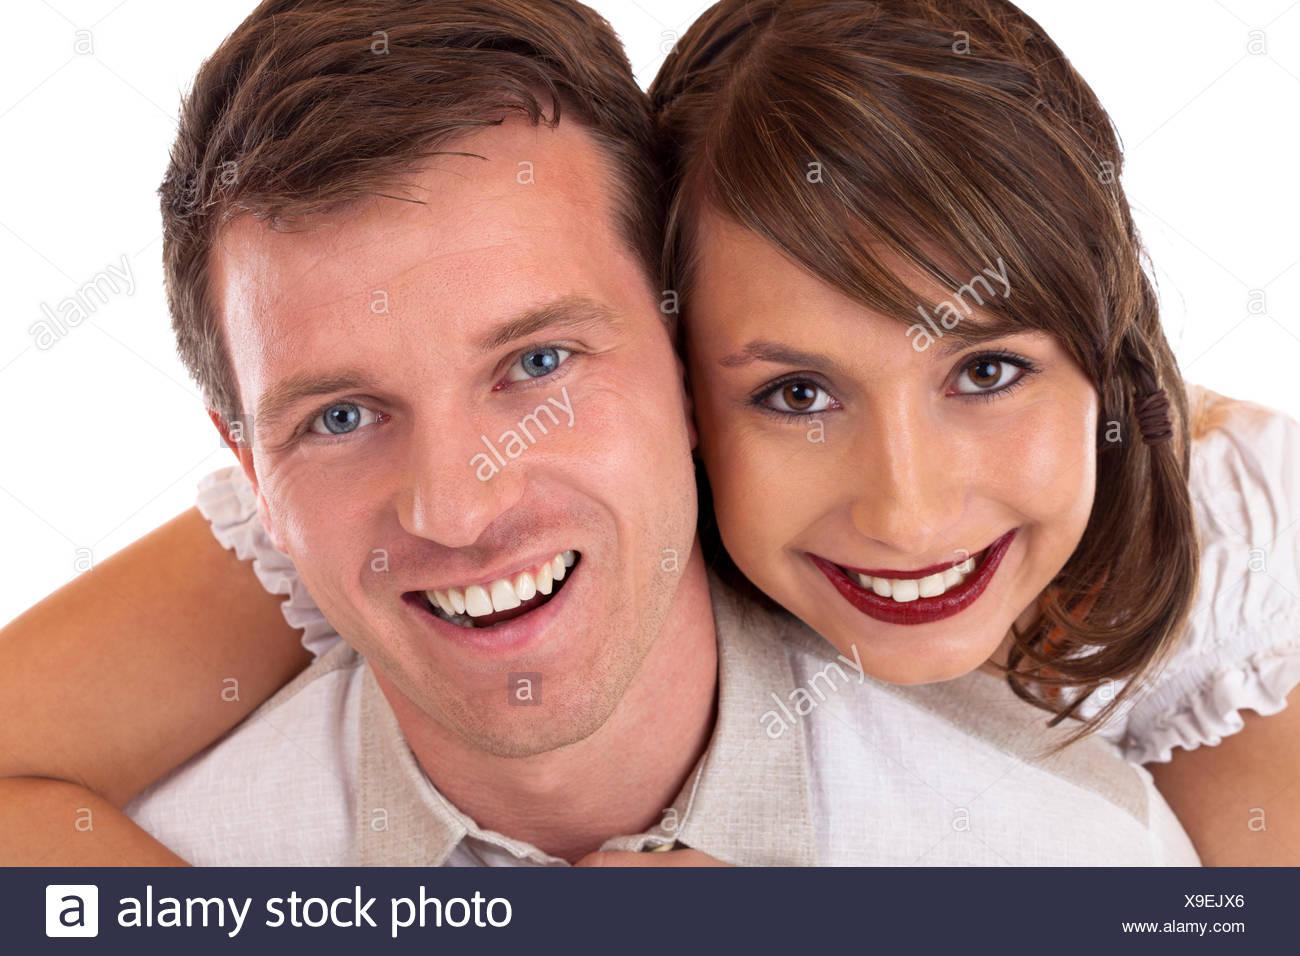 Huckepack Unvorsichtige Liebe Verliebt Verliebte Sich In Liebe Mann